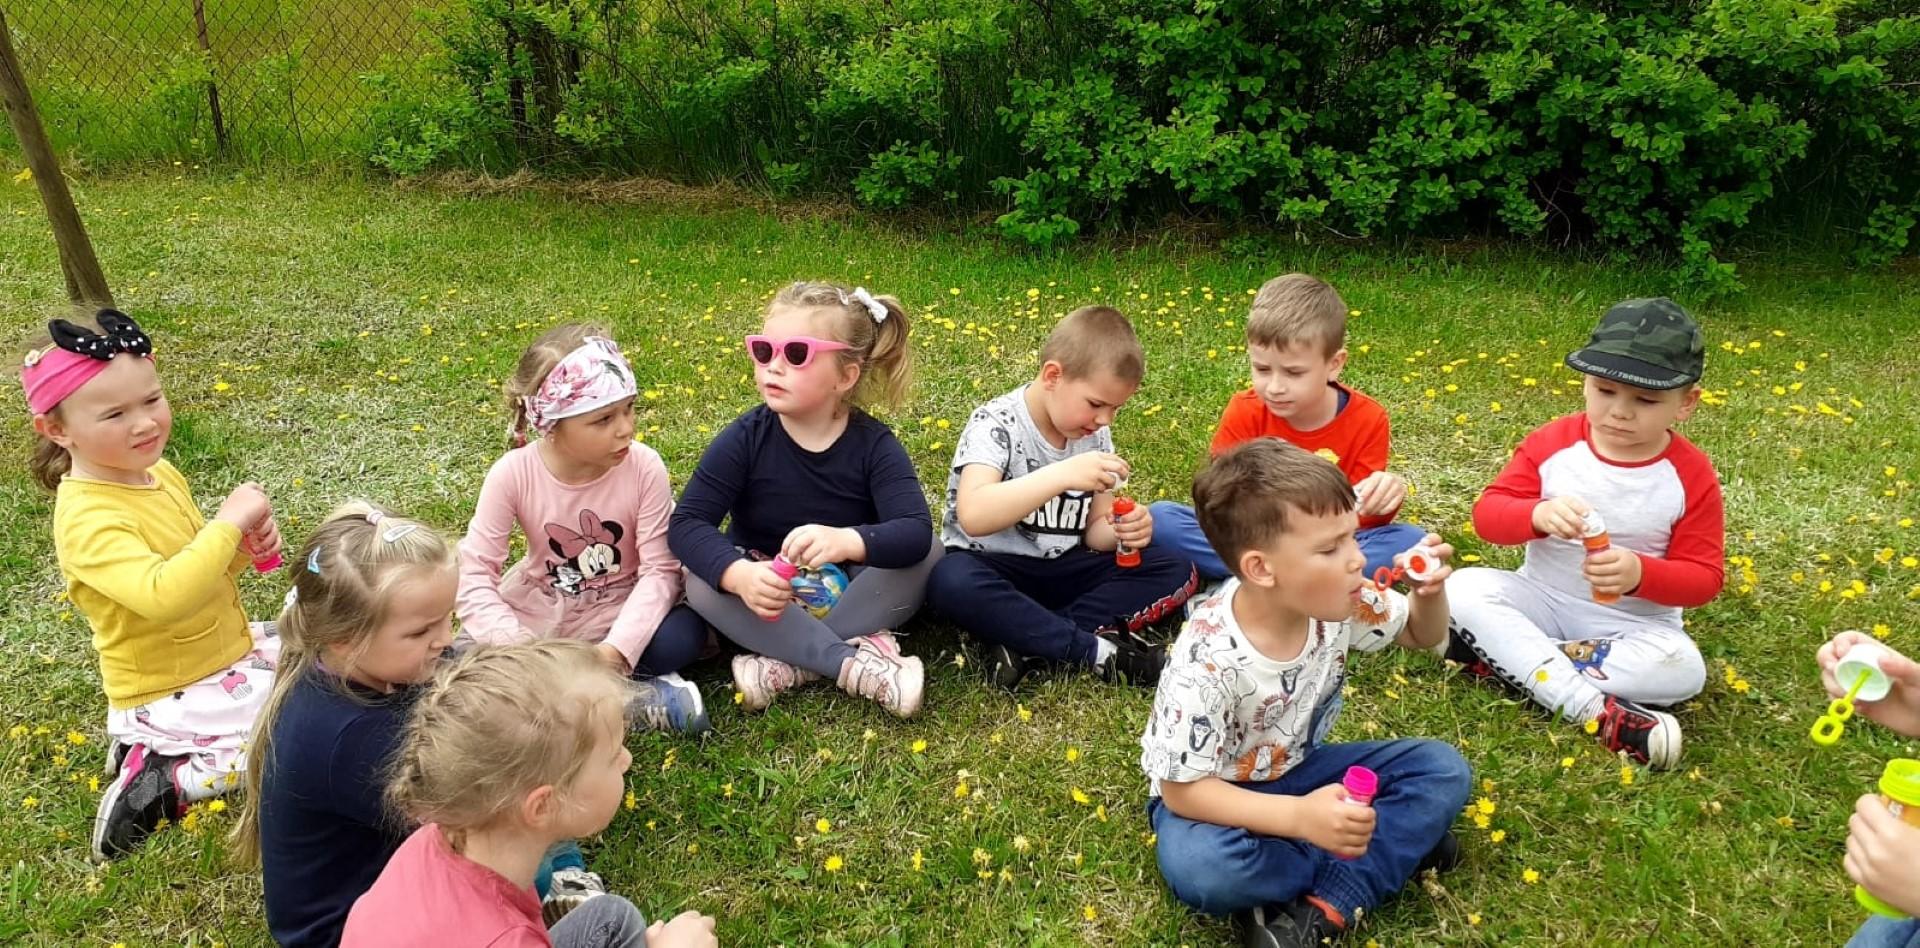 Przedszkolaki siedzą na trawie i dmuchają bańki mydlane.